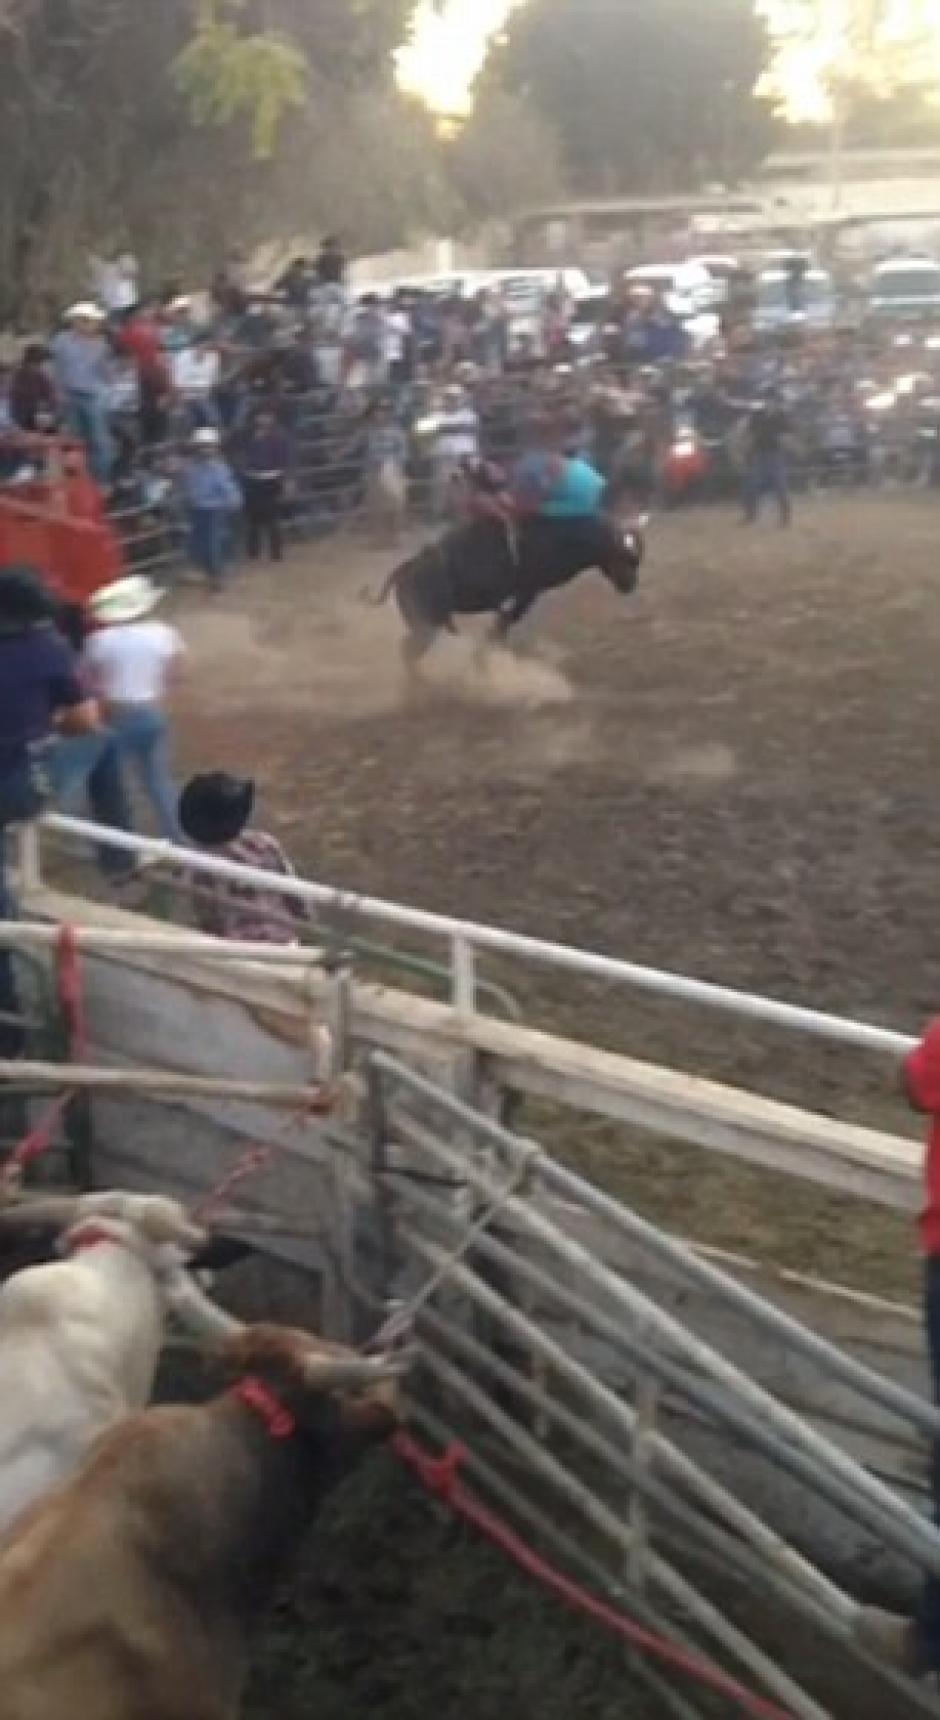 El vaquero fue auxiliado inmediatamente. (Imagen: Captura de pantalla)